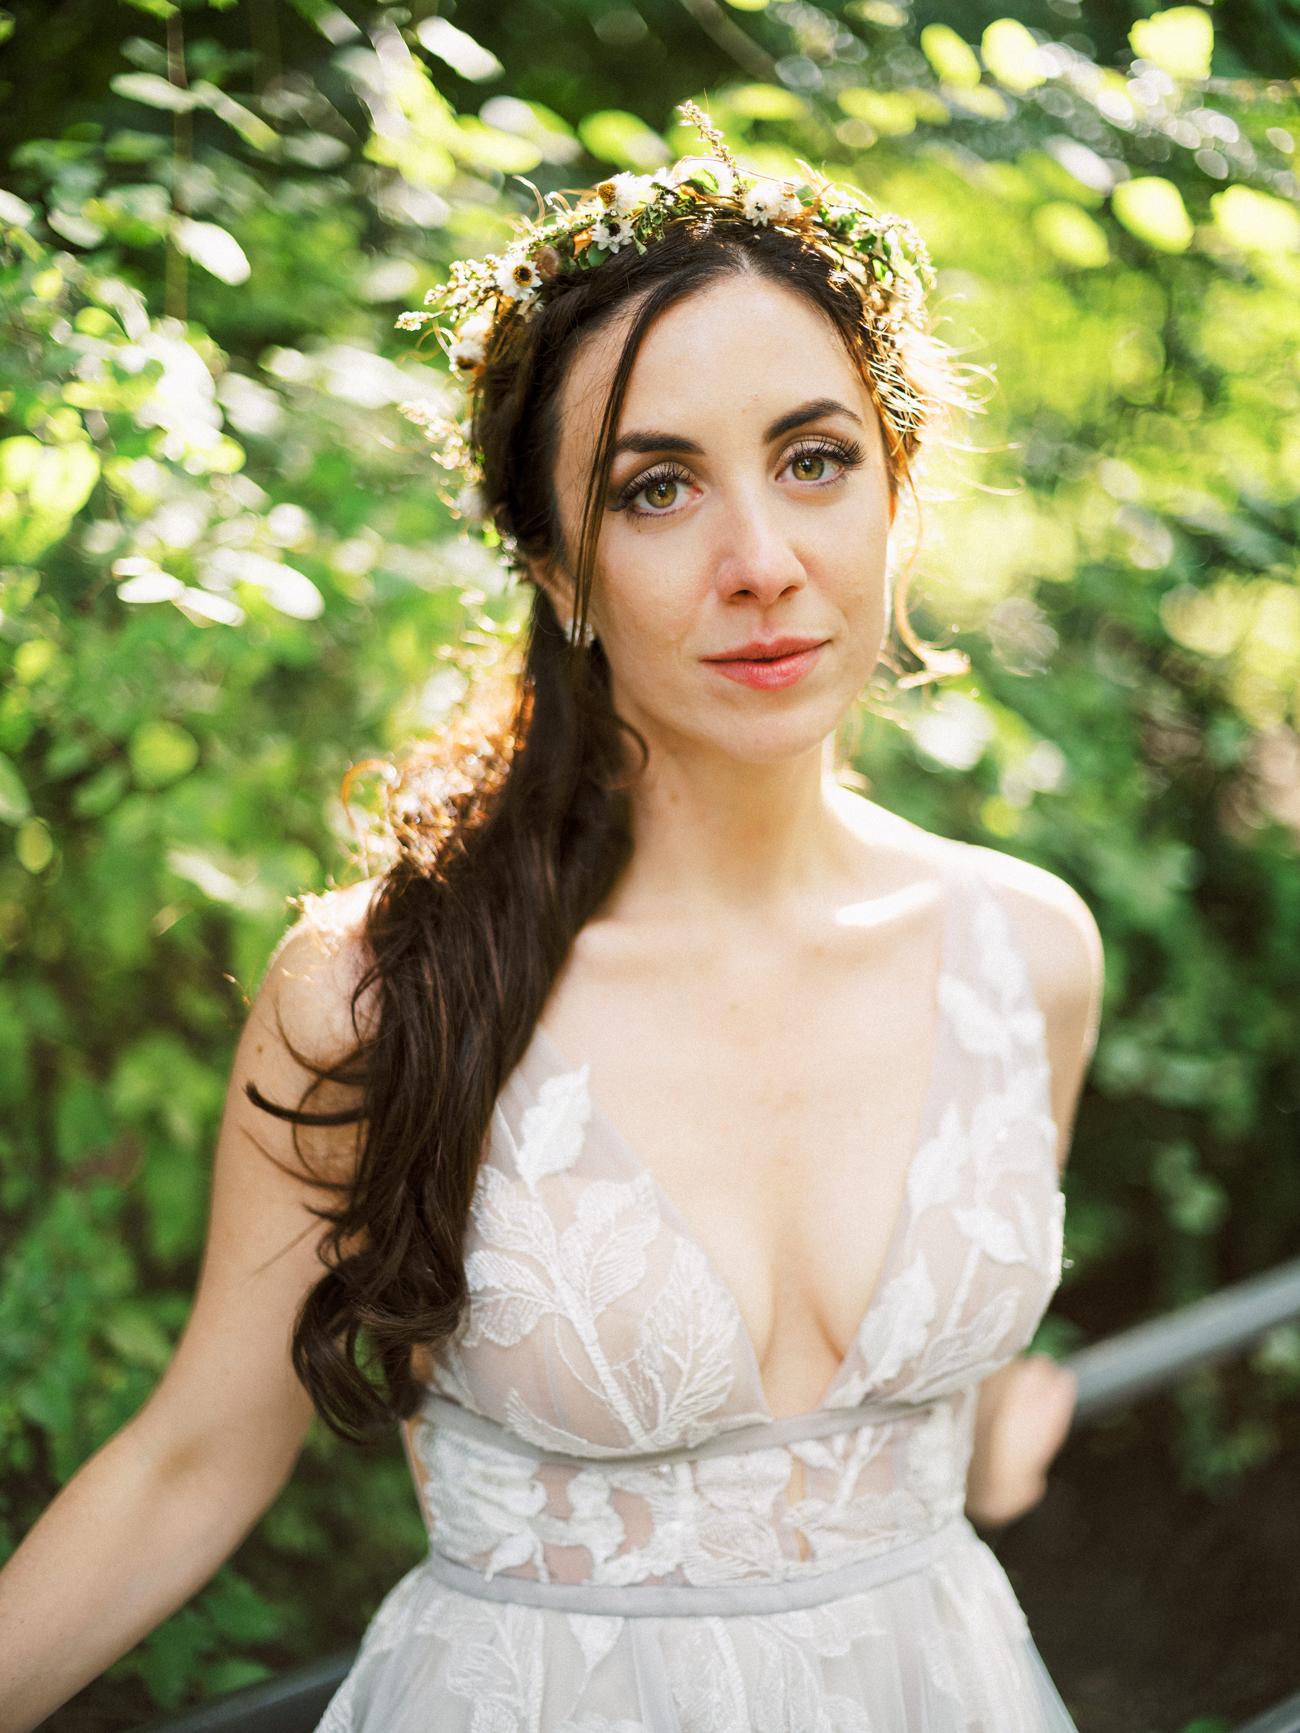 bride outside wearing flower crown